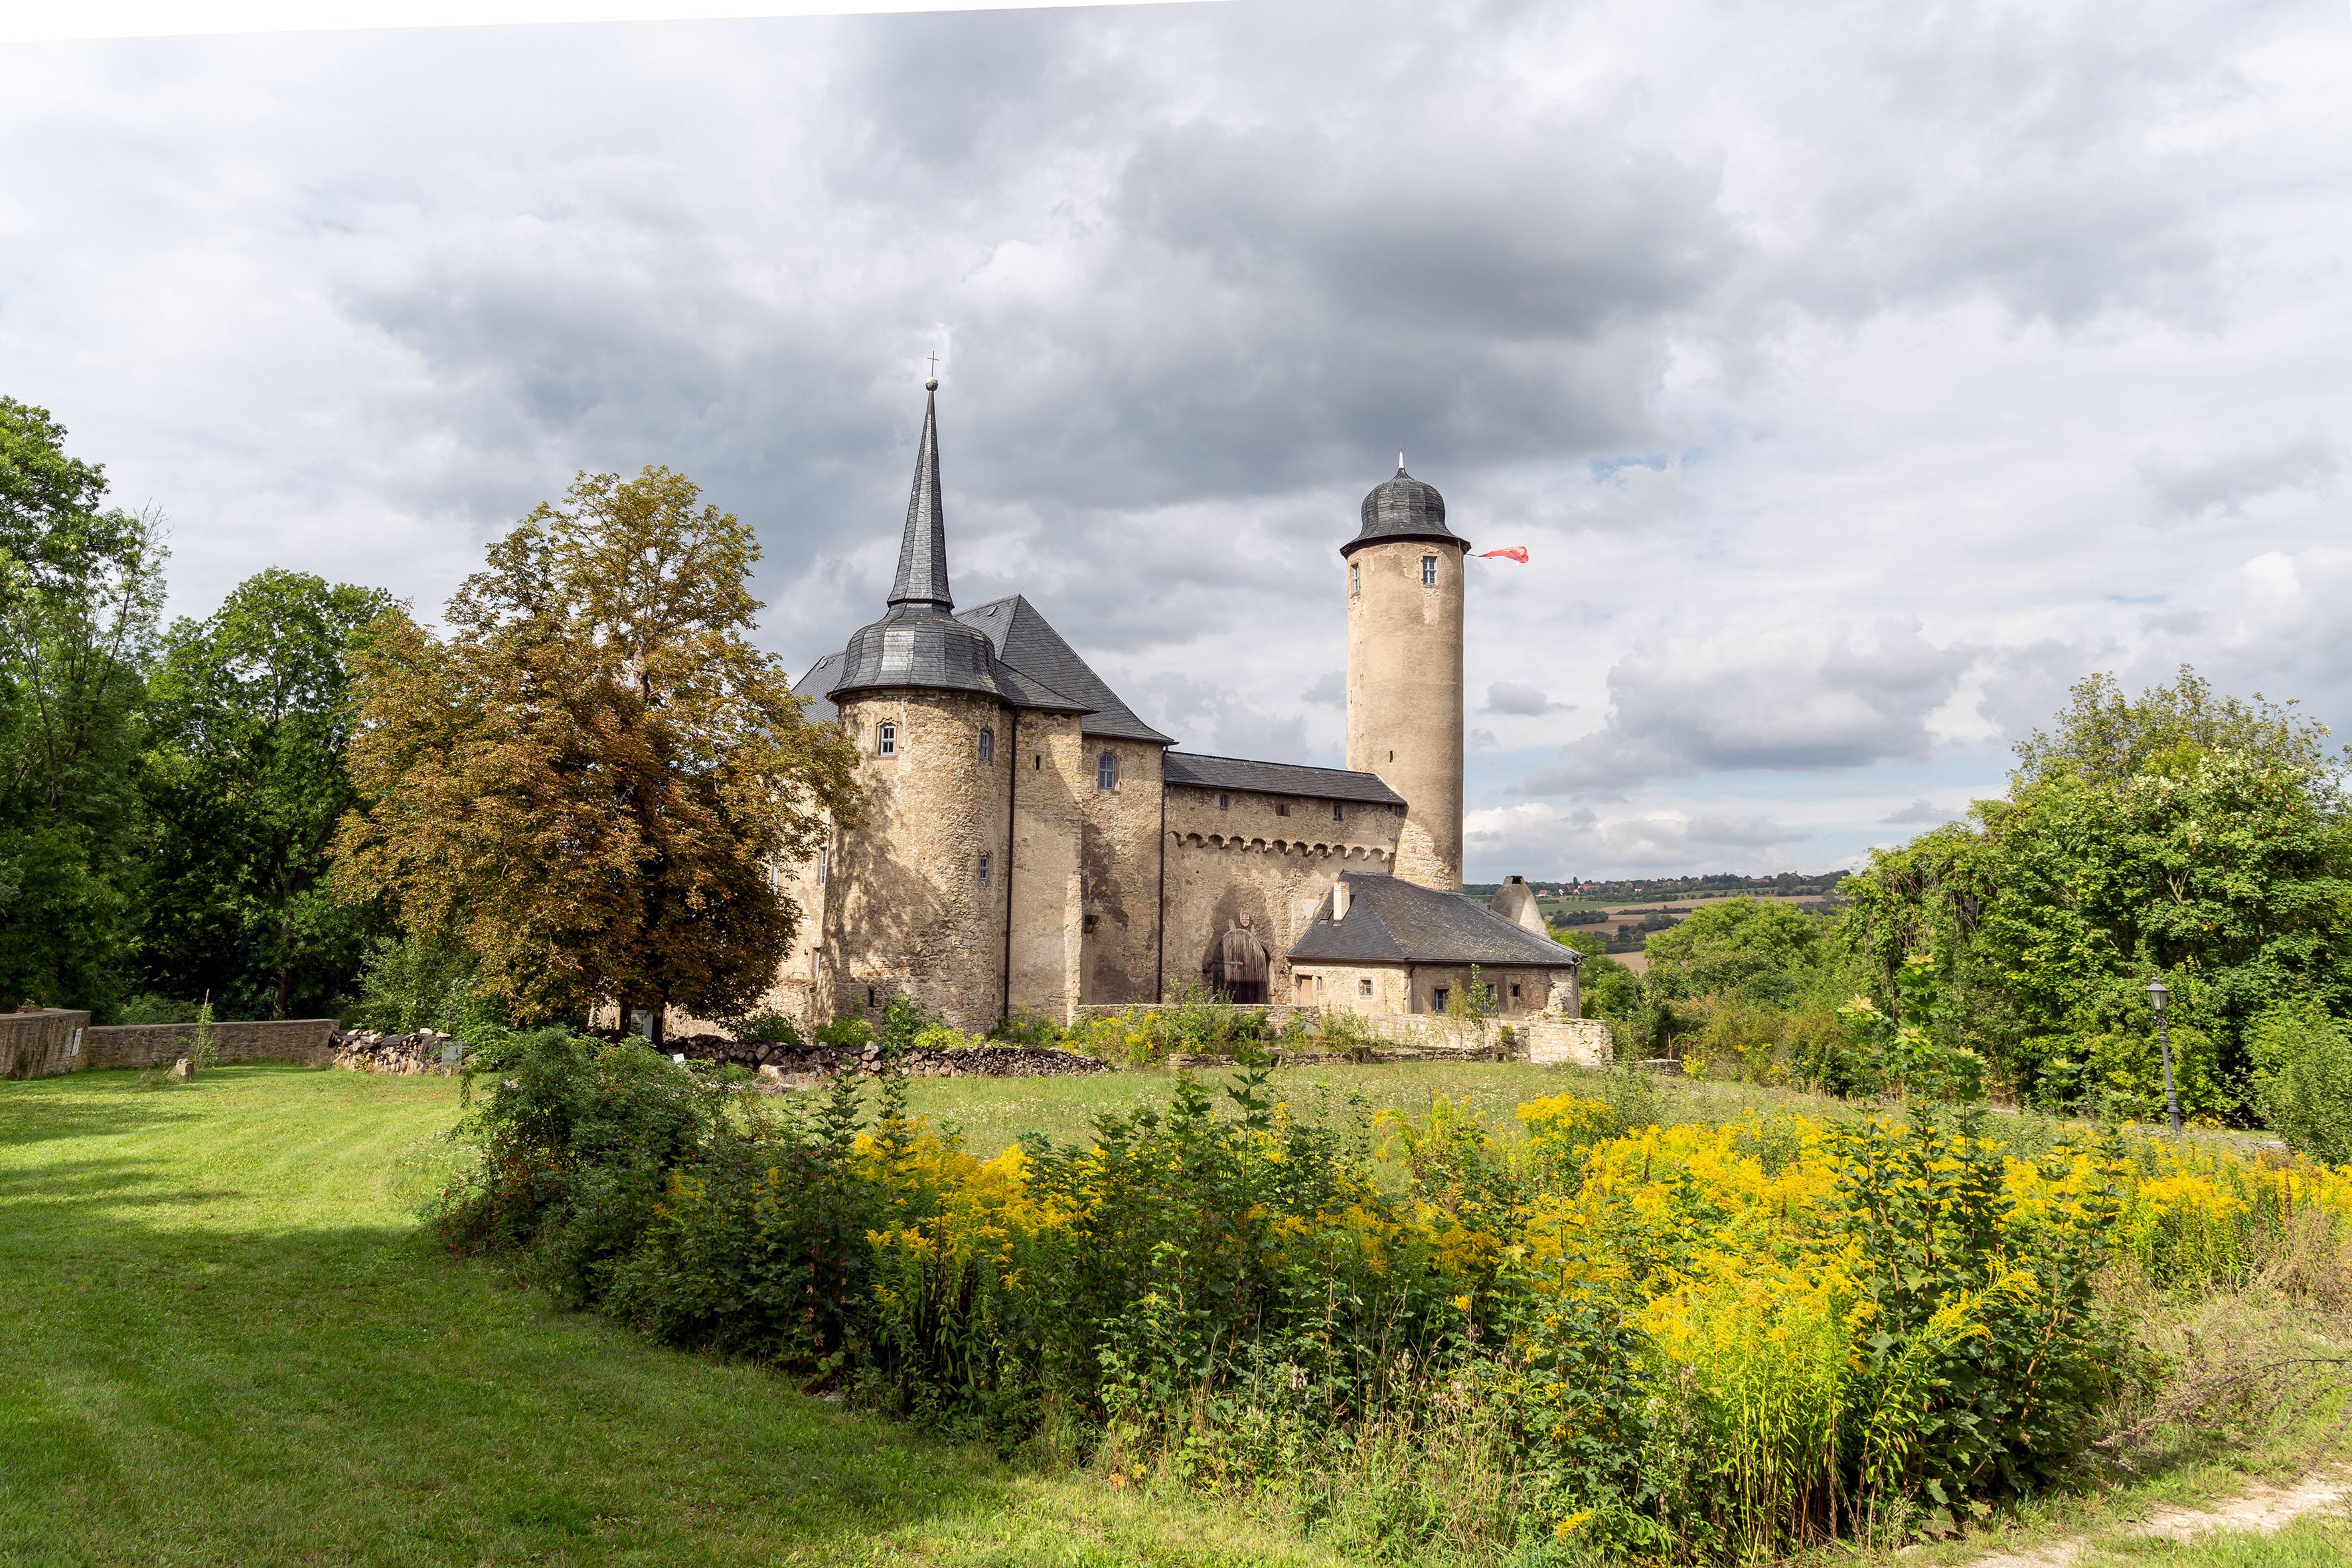 Rückseitige Ansicht eines burgänlichen Gebäudes mit verschieferten Dächern. rechts ein hoher Bergfried, links ein turmähnlicher Rundbau mit Spitze, verbunden mit Zwischenbauten, stehend in einem Park mit Bäumen, Büschen und gelben Blumen im Vordergund.